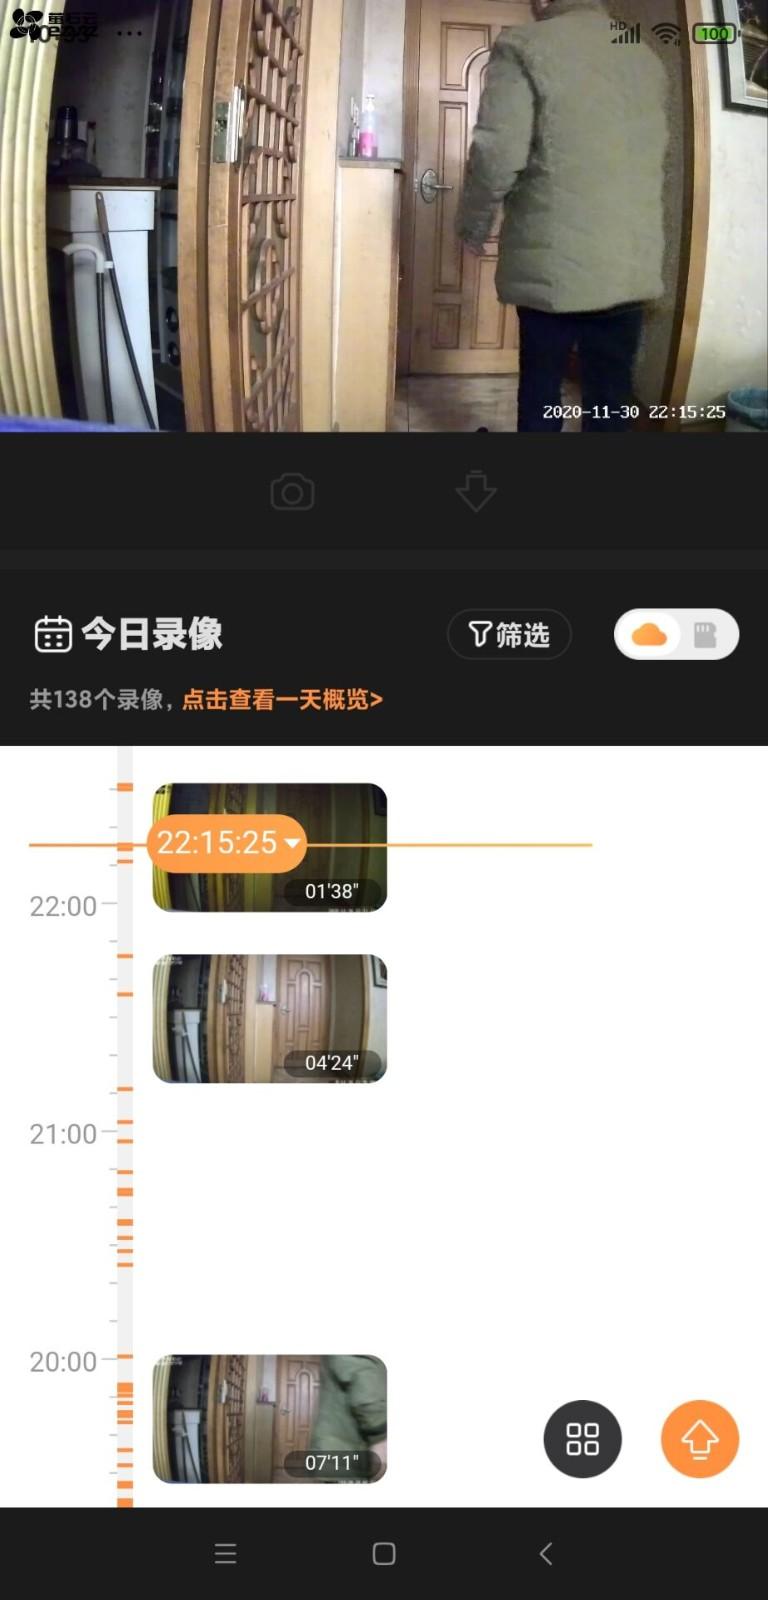 又是生死大战/_图1-3